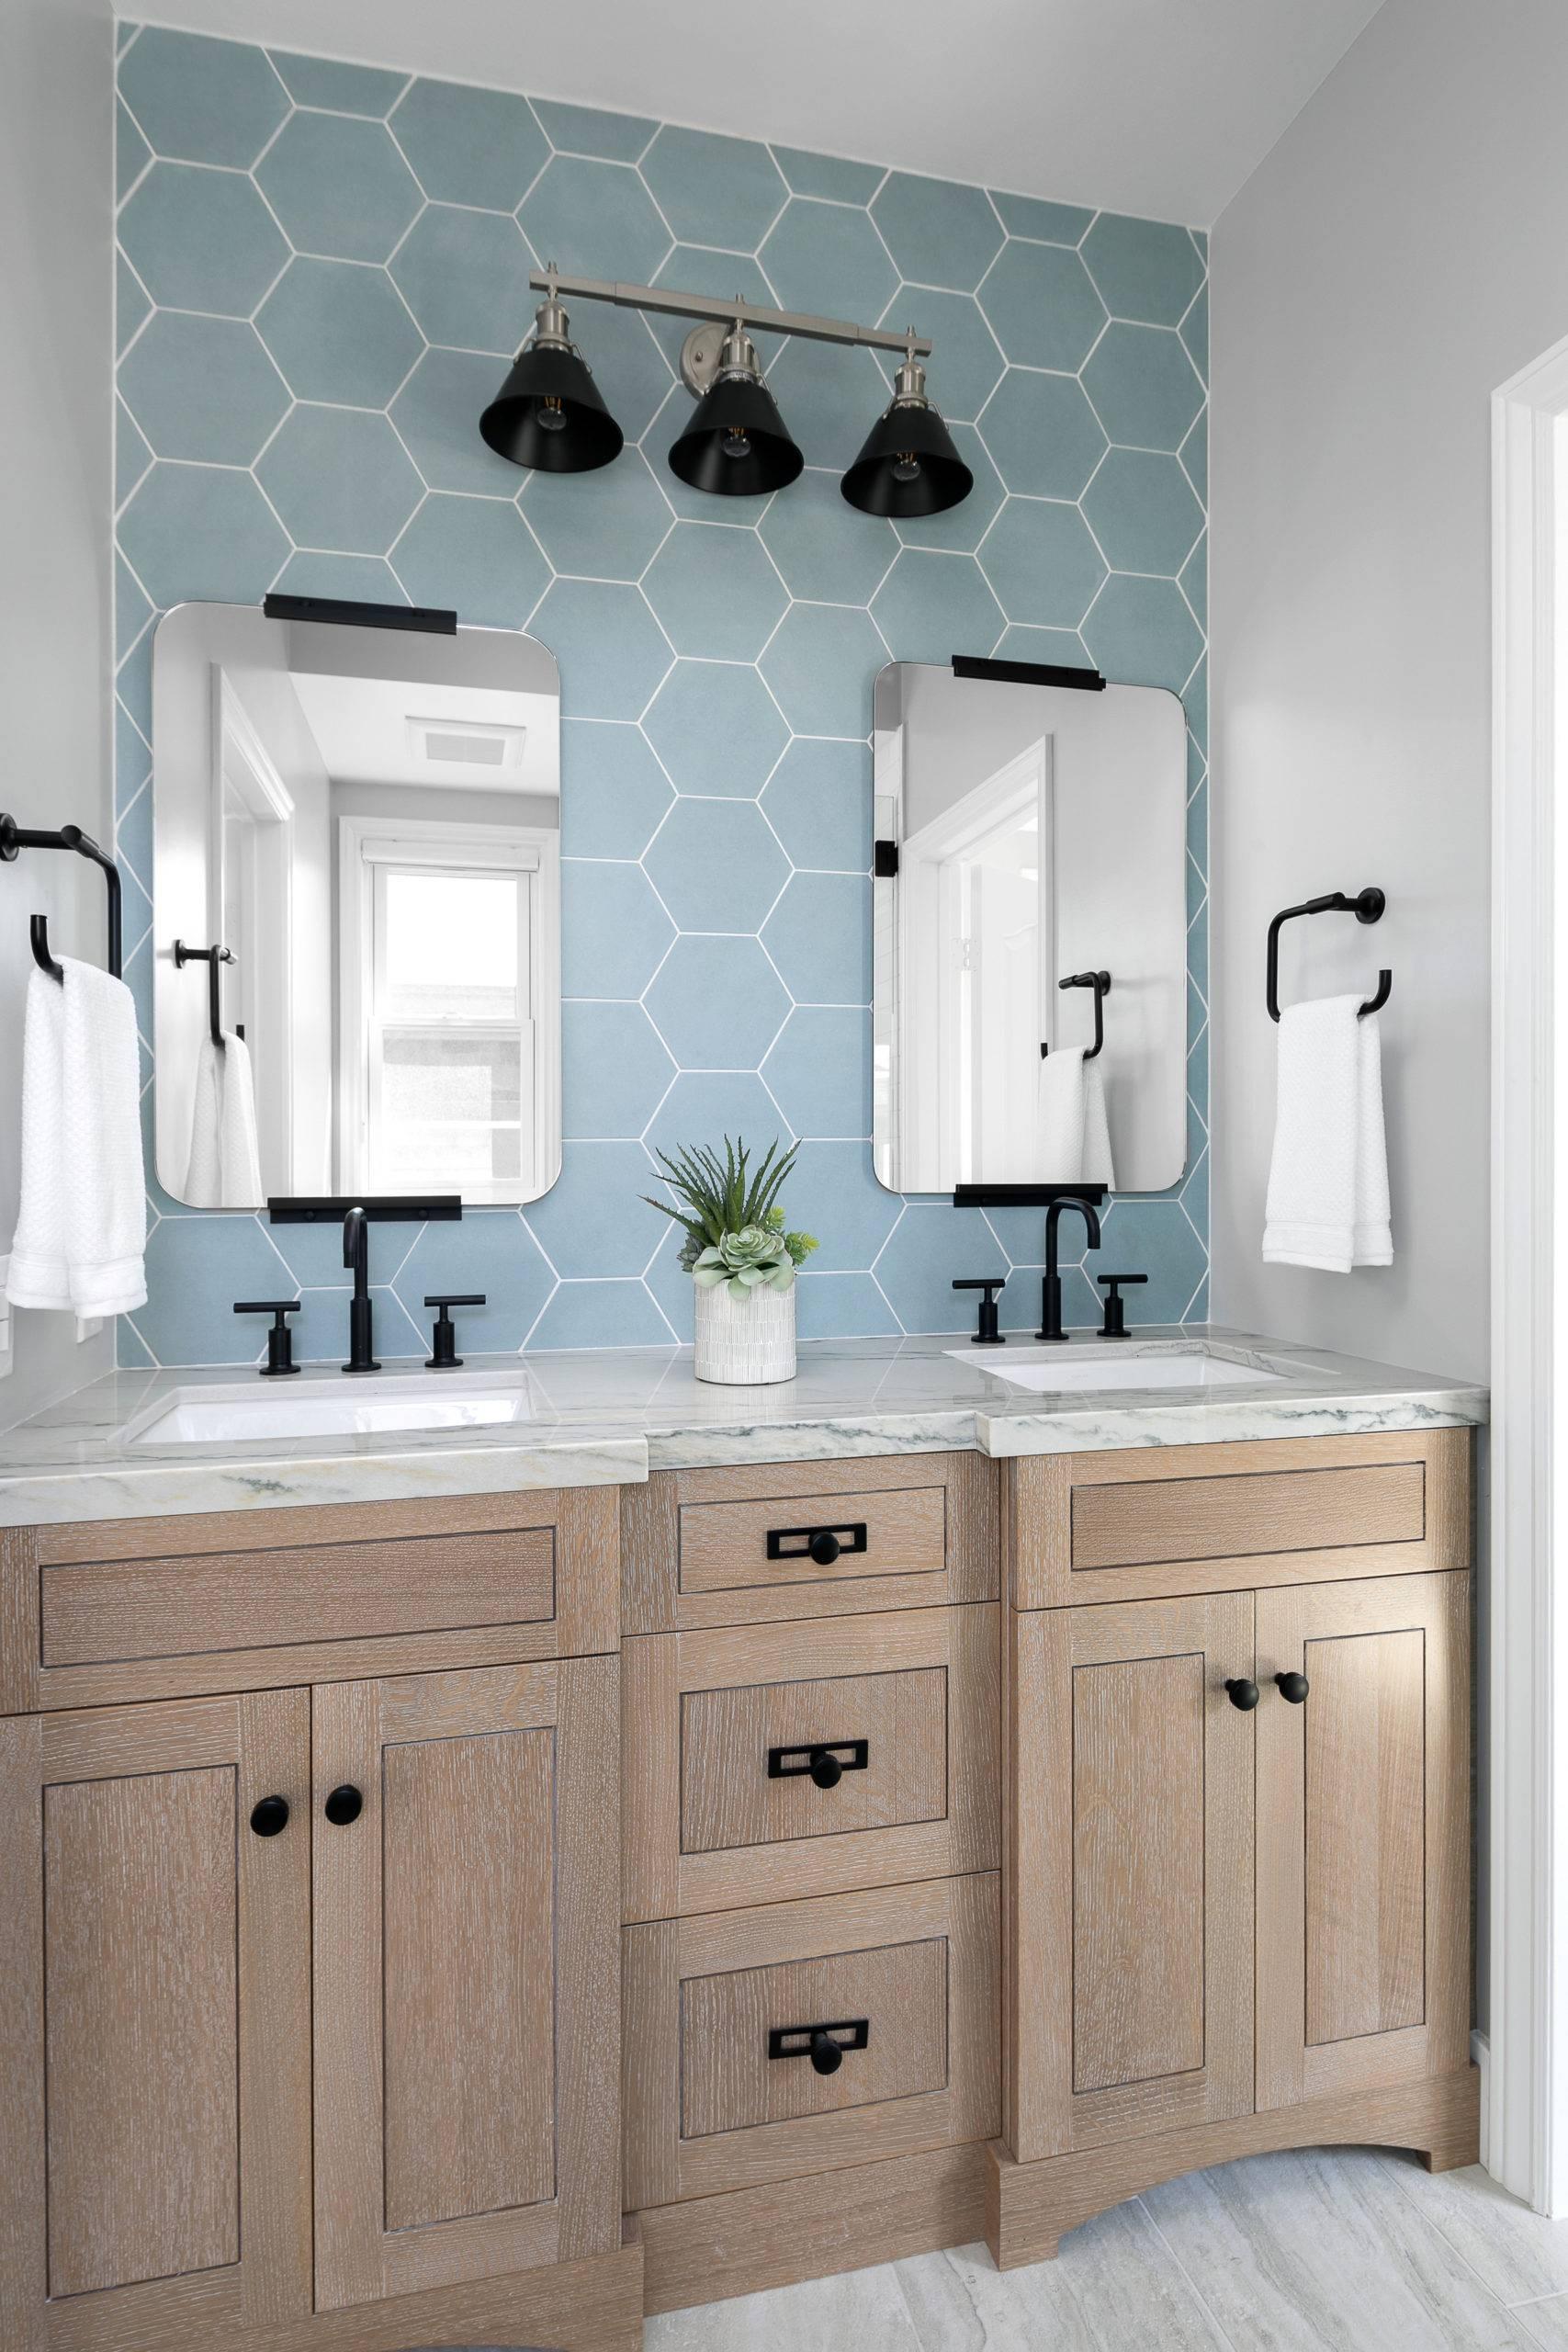 Gorgeous-hexagonal-tiled-blue-backsplash-for-the-small-beach-style-bathroom-47375-scaled